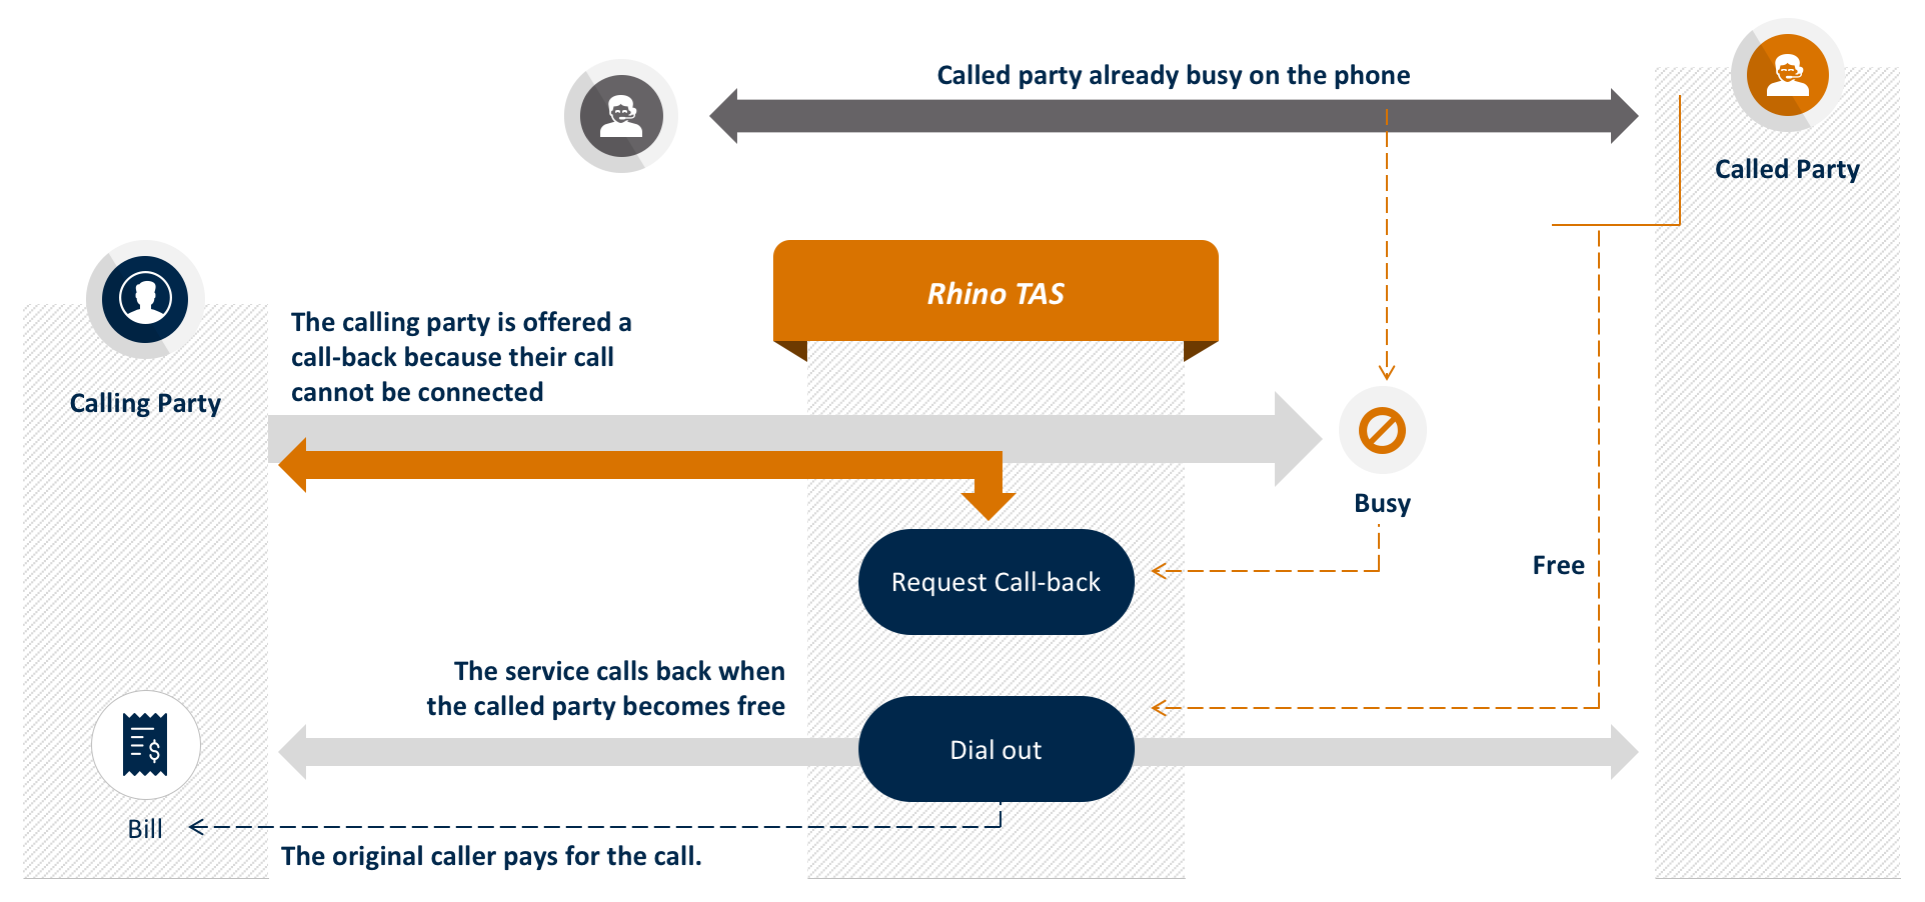 rhino-tas-app-call-back-when-free